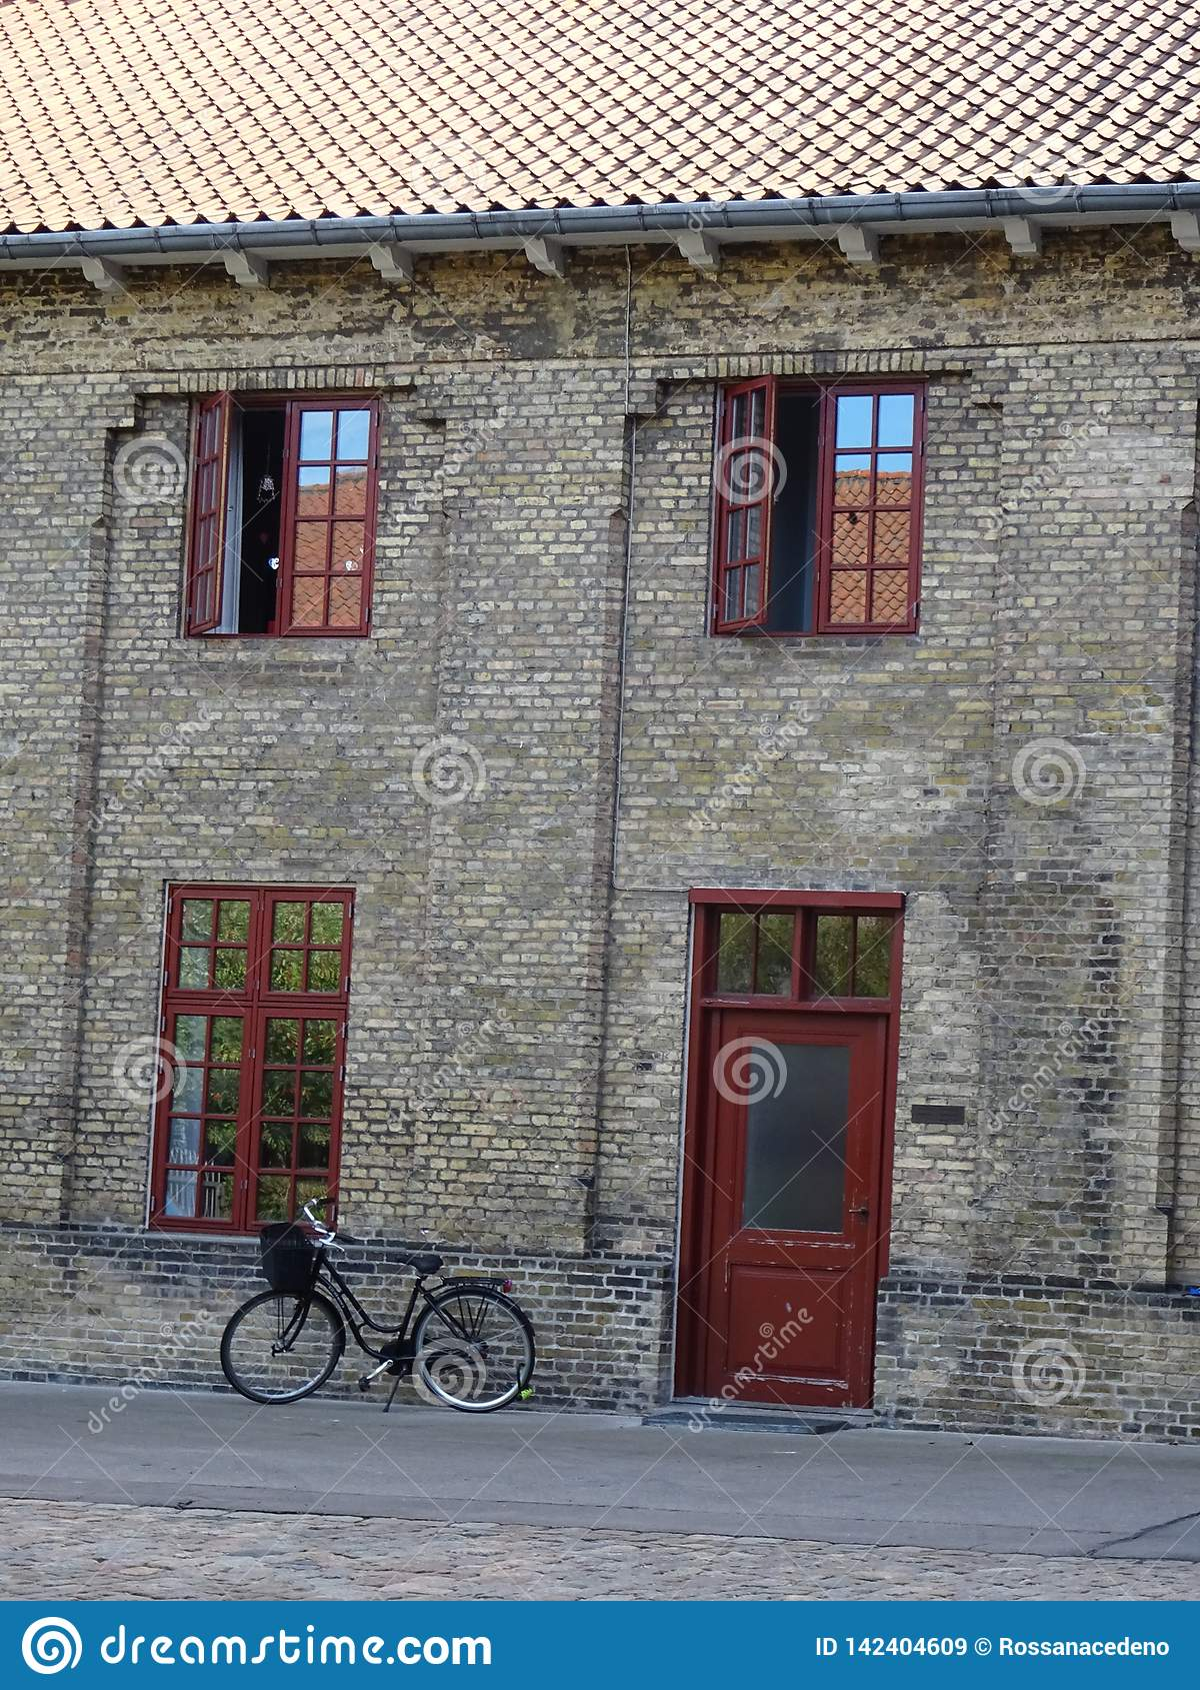 Ποδήλατο μπροστά από ένα παλαιό κτήριο στην Κοπεγχάγη, Δανία